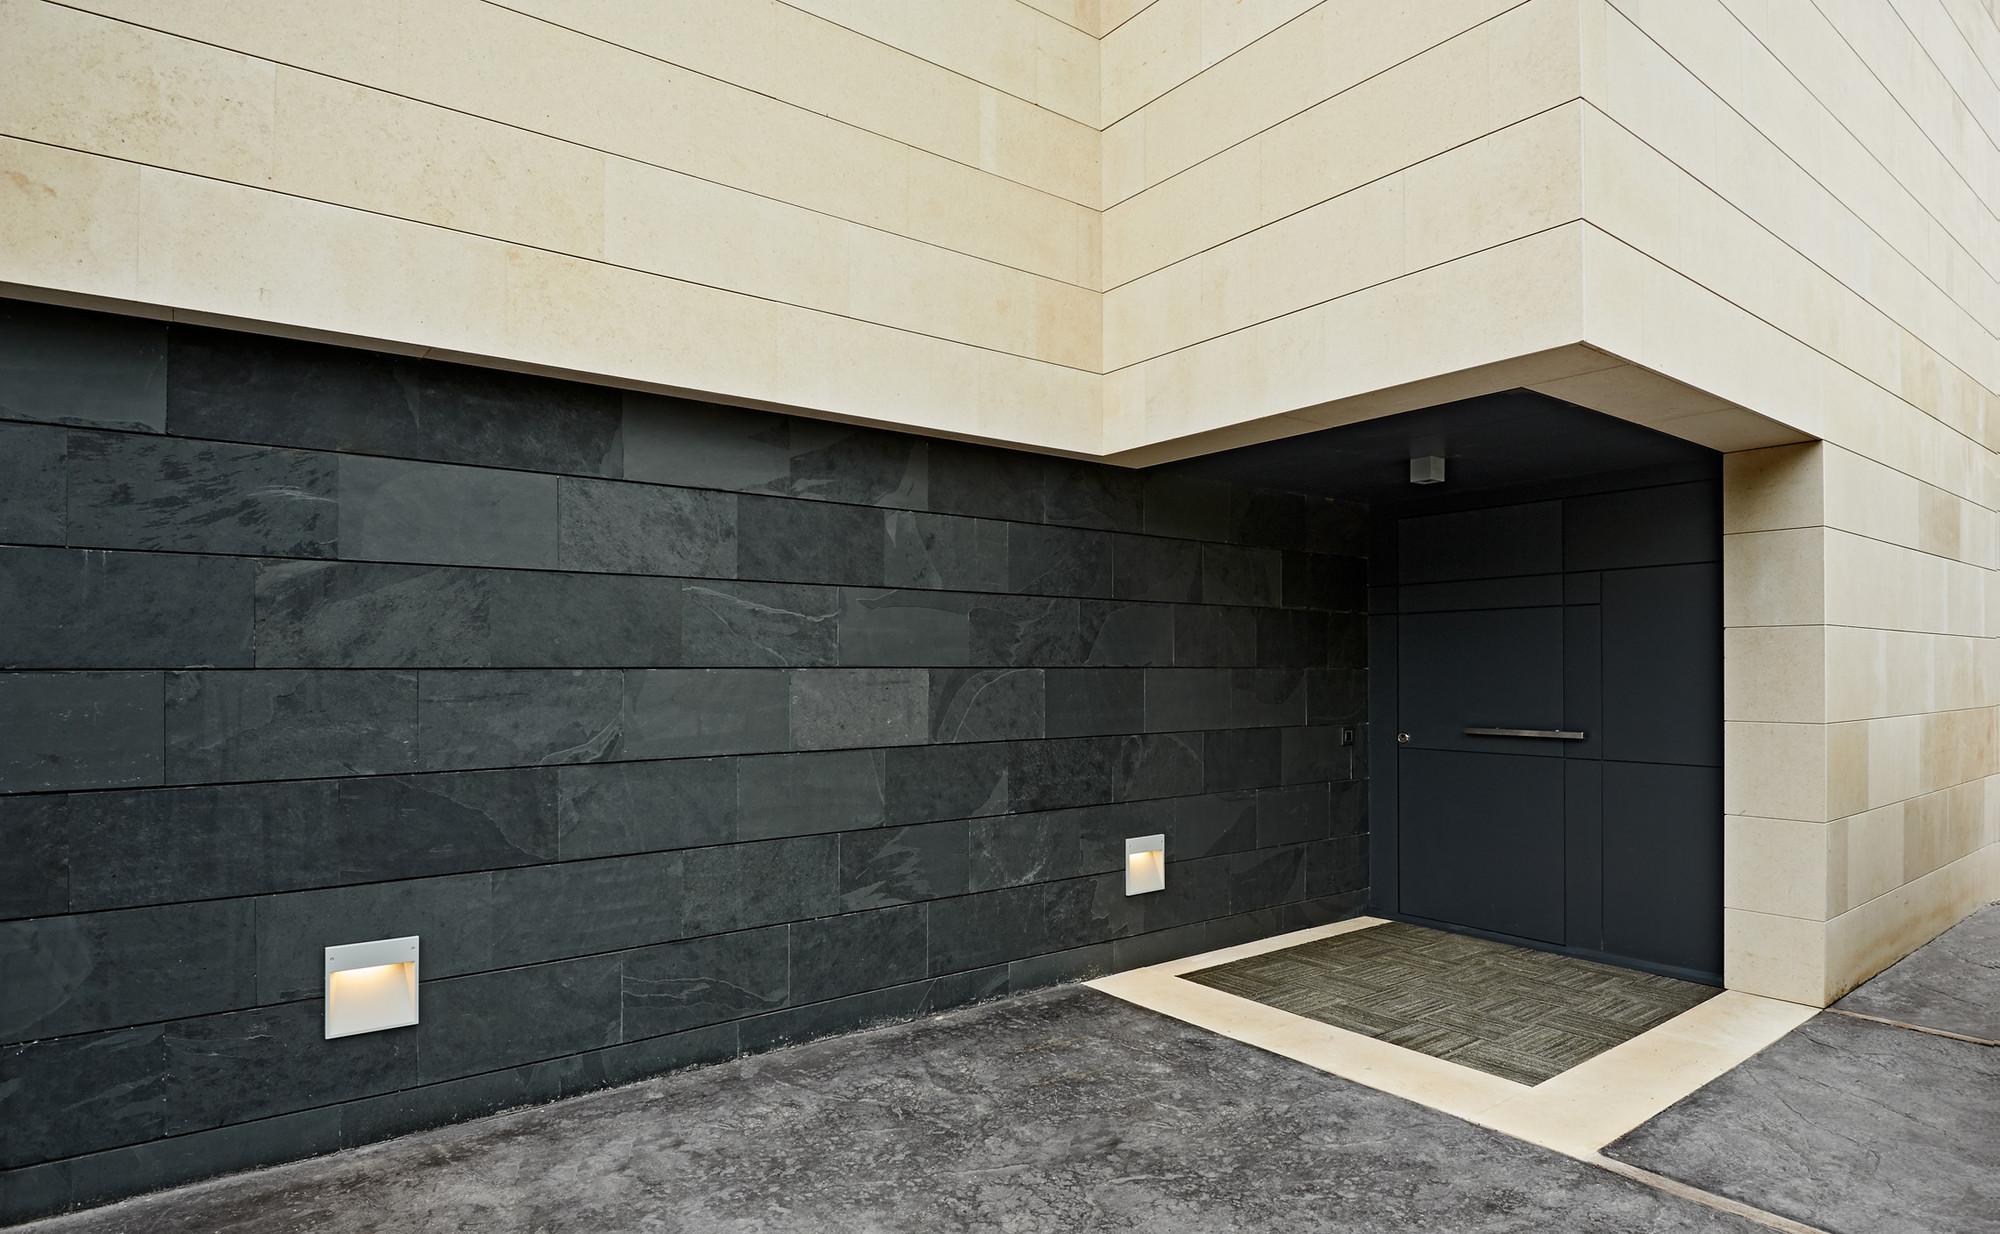 Galeria de casa em la bilban a foraster arquitectos 11 - Foraster arquitectos ...